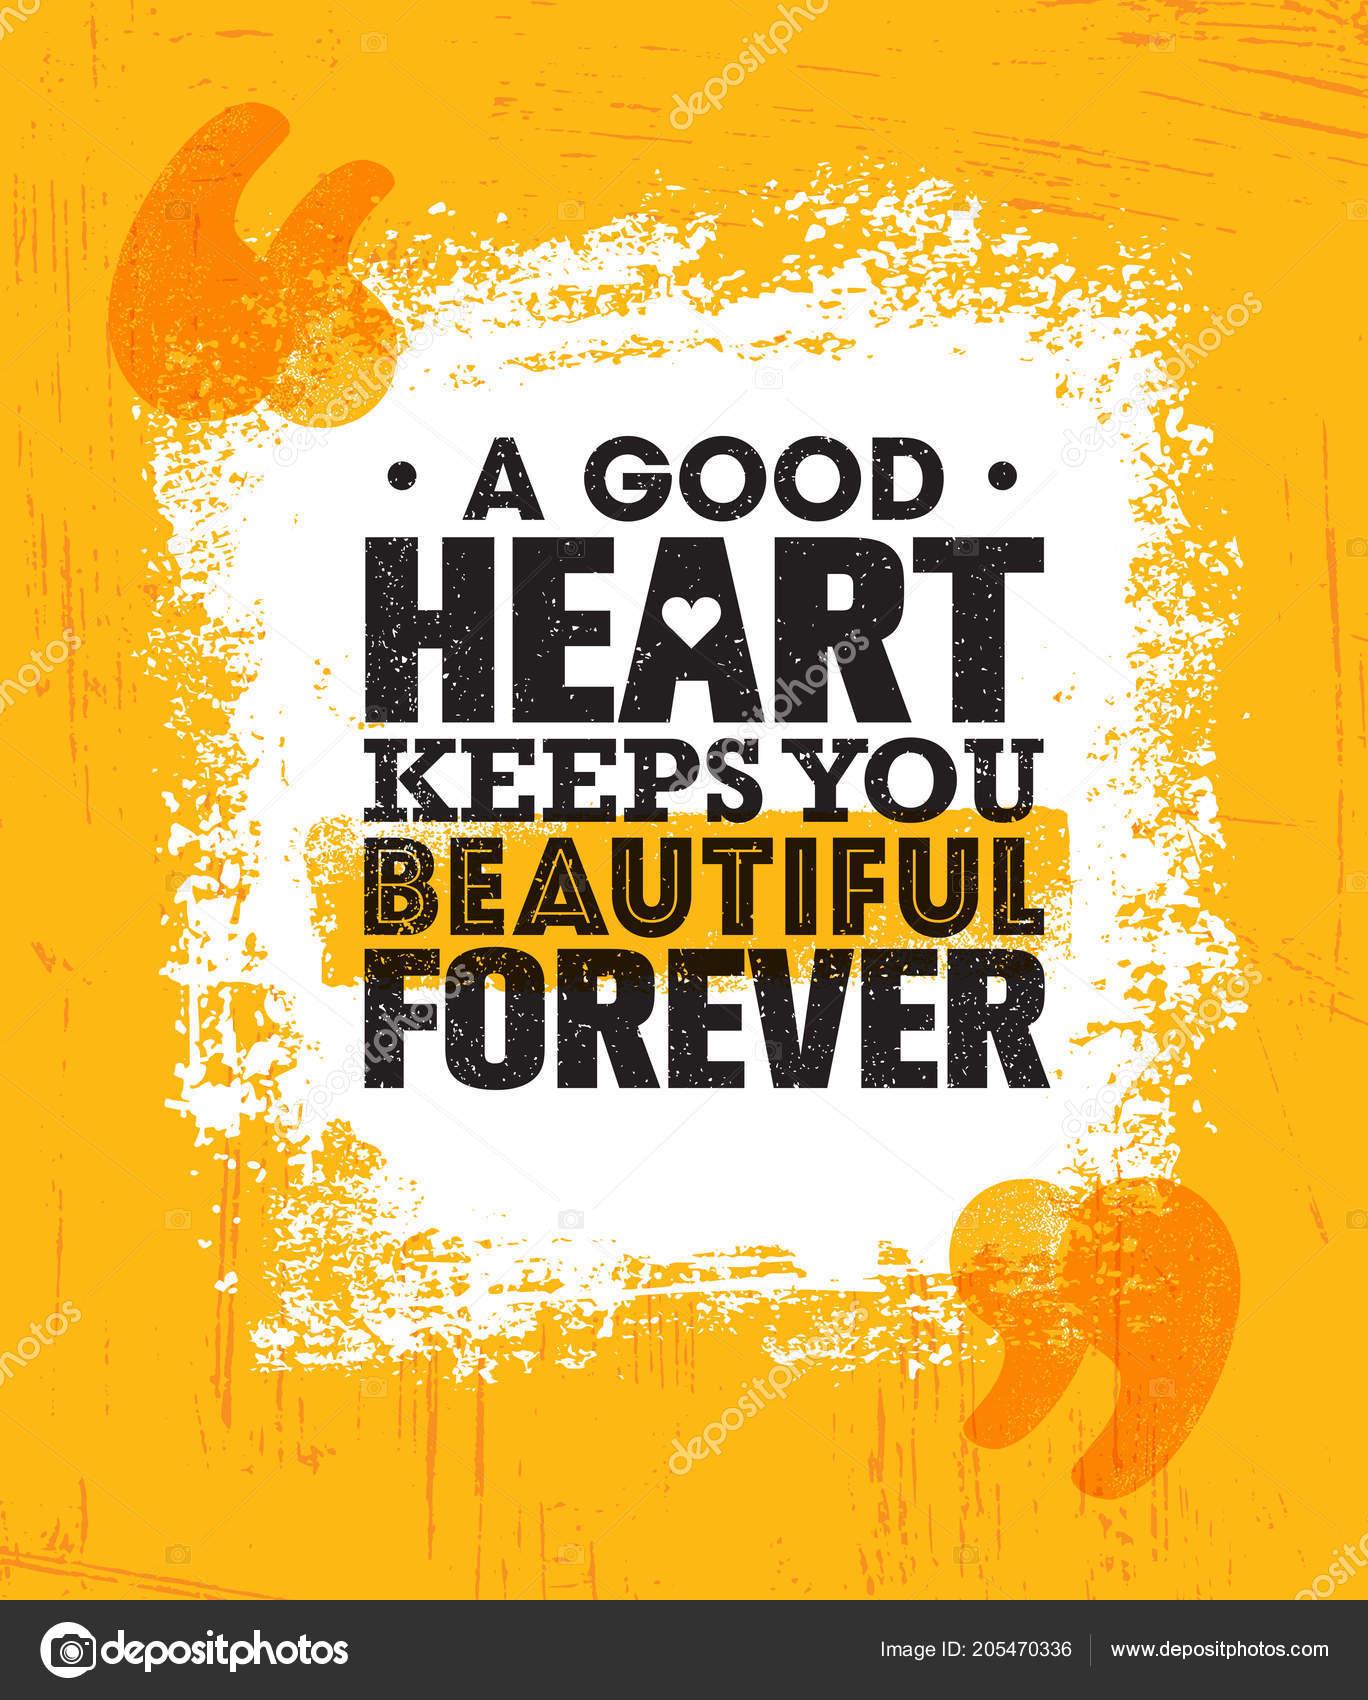 cea73ca2e9cc81 Dobre serce trzyma piękne na zawsze. Inspirujące kreatywnych motywacja  cytat plakat szablon. Koncepcja projekt transparent typografia wektor na  Grunge ...